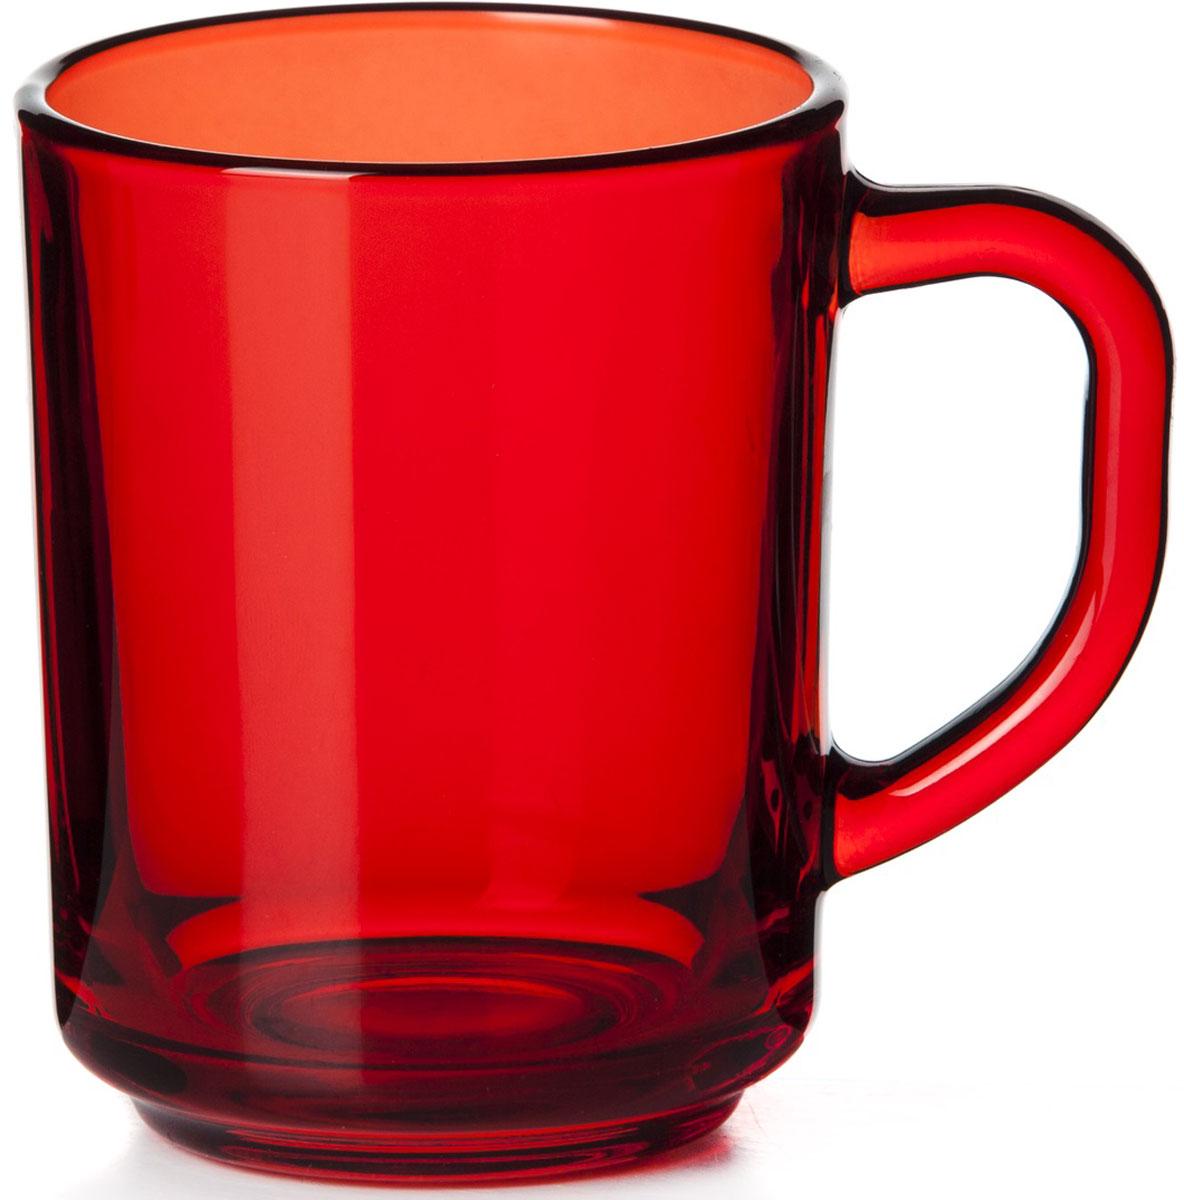 Кружка Pasabahce Энжой Рэд, цвет: красный, 250 мл соусник pasabahce бэйсик 250 мл